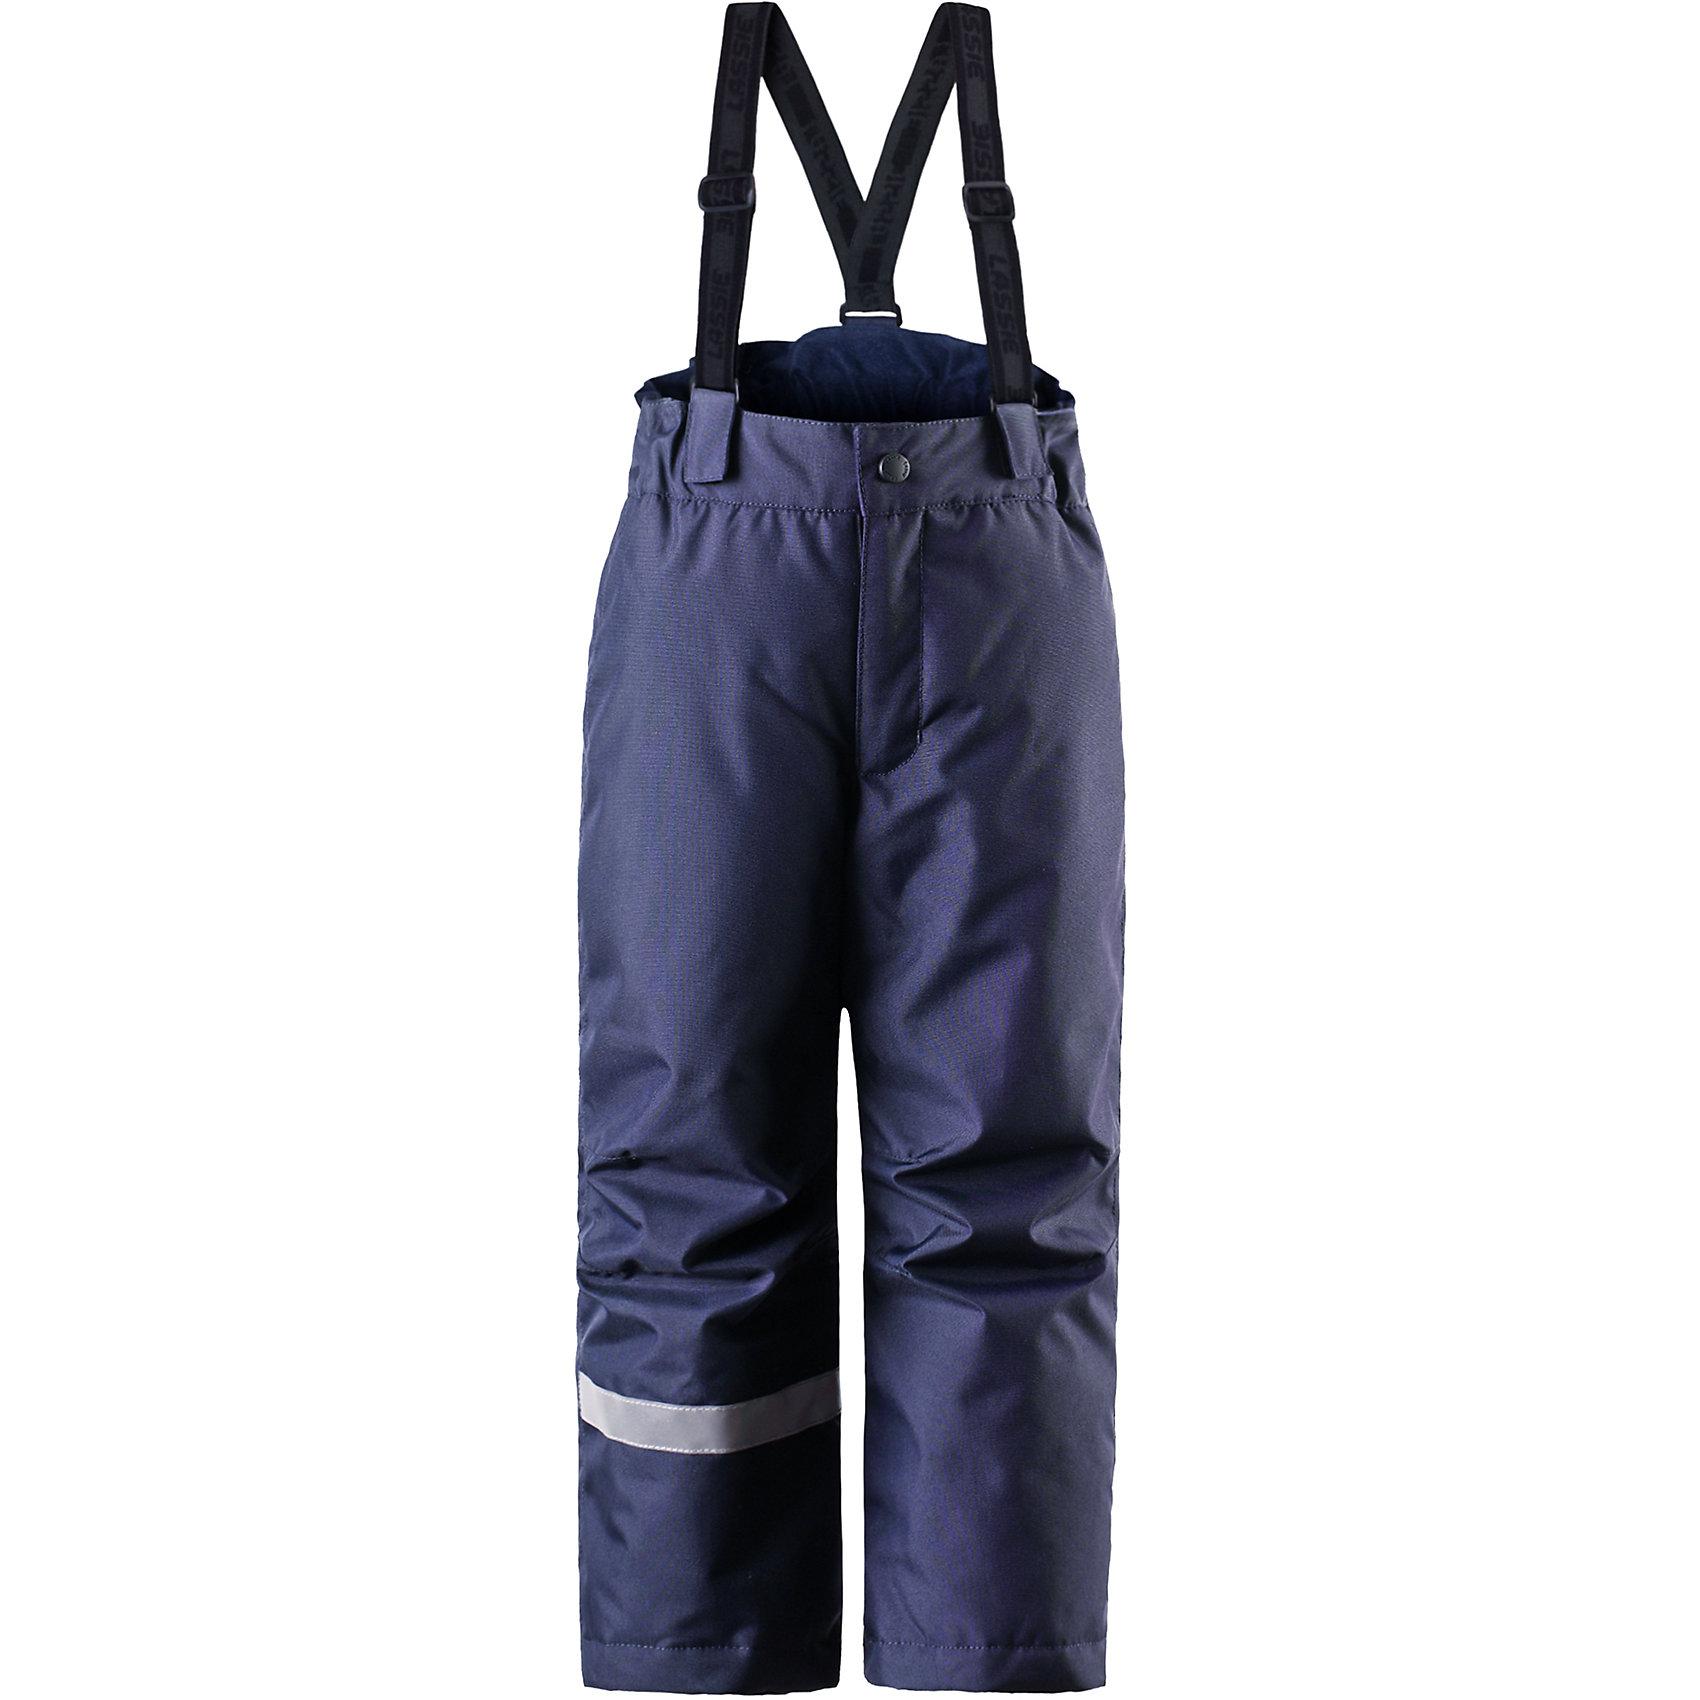 Брюки для мальчика LASSIEОдежда<br>Брюки для мальчика от финской марки LASSIE.<br>Зимние брюки для детей.Прочный материал.Водоотталкивающий, ветронепроницаемый, «дышащий» и грязеотталкивающий материал.Задний серединный шов проклеен,свободный крой.Гладкая подкладка из полиэстра.Легкая степень утепления.Эластичная талия.Снегозащитные манжеты на штанинах.Ширинка на молнии.Регулируемые и отстегивающиеся эластичные подтяжки<br>Рекомендации по уходу:Стирать по отдельности, вывернув наизнанку. Застегнуть молнии и липучки. Соблюдать температуру в соответствии с руководством по уходу. Стирать моющим средством, не содержащим отбеливающие вещества. Полоскать без специального средства. Сушение в сушильном шкафу разрешено при низкой температуре.<br>Вес утеплителя:100<br>Состав:<br>100% ПЭ, ПУ-покрытие<br><br>Ширина мм: 215<br>Глубина мм: 88<br>Высота мм: 191<br>Вес г: 336<br>Цвет: синий<br>Возраст от месяцев: 36<br>Возраст до месяцев: 48<br>Пол: Мужской<br>Возраст: Детский<br>Размер: 104,110,116,122,140,92,98<br>SKU: 5032749